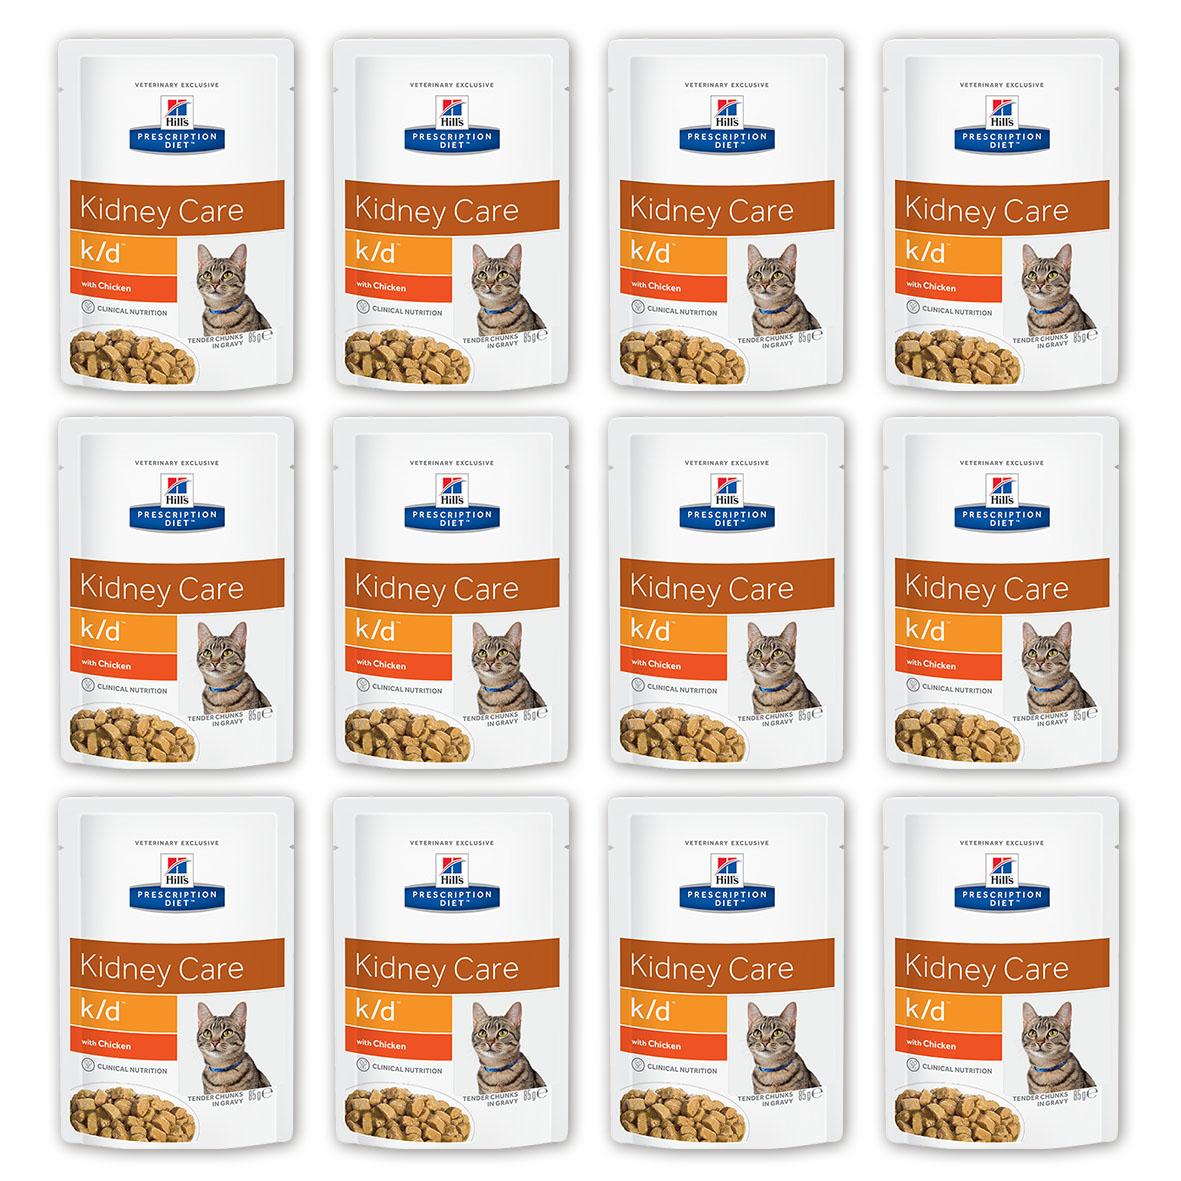 Консервы для кошек Hills Prescription Diet. K/D, при заболевании почек и урологическом синдроме, с курицей, 85 г, 12 шт3405_12Консервы для кошек Hills Prescription Diet. K/D рекомендуются при хронических заболеваниях почек, при заболеваниях сердца, при уратном и цистиновом уролитиазе.Не рекомендуется котятам, беременным и кормящим кошкам, кошкам с дефицитом натрия в организме.В 2-х летнем исследовании клинически доказано что у кошек, питавшихся рационом Hills Prescription Diet k/d Feline, значительно реже отмечались эпизоды уремии и снижался уровень смертности. Ключевые преимущества: - Сниженное содержание фосфора помогает замедлить развитие заболевания почек. - Контролируемое содержание протеина помогает снизить накопление токсичных продуктов белкового обмена, в то же время удовлетворяя потребность организма в протеинах. Уменьшает концентрацию в моче компонентов уратных и цистиновых уролитов. - Повышенное содержание непротеиновых калорий помогает обеспечить поступление энергии и не допускает катаболизма протеинов. - Повышенная буферная емкость рациона препятствует развитию метаболического ацидоза. - Омега-3 жирные кислоты улучшают почечный кровоток. - Содержание натрия снижено, что помогает замедлить развитие заболевания почек. Уменьшает задержку воды в организме на ранних стадиях заболеваний сердца. - Повышенное содержание растворимой клетчатки уменьшает реабсорбцию аммония в кишечнике. Помогает понизить концентрацию мочевины в крови. - Повышенное содержание витаминов группы В восполняет потери данных витаминов при полиурии. - Антиоксидантная формула нейтрализует действие свободных радикалов для поддержания функции почек. Ингредиенты: курица (24%), свинина, кукурузный крахмал, пшеничная мука, крахмал из тапиоки, различные сахара, витамины и микроэлементы, лосось, рыбий жир, порошок животного протеина, подсолнечное масло, концентрат протеина гороха. Окрашено натуральной карамелью.Среднее содержание нутриентов в рационе: протеин 6,6%, жиры 5,1%, углеводы (БЭВ) 9,4%,